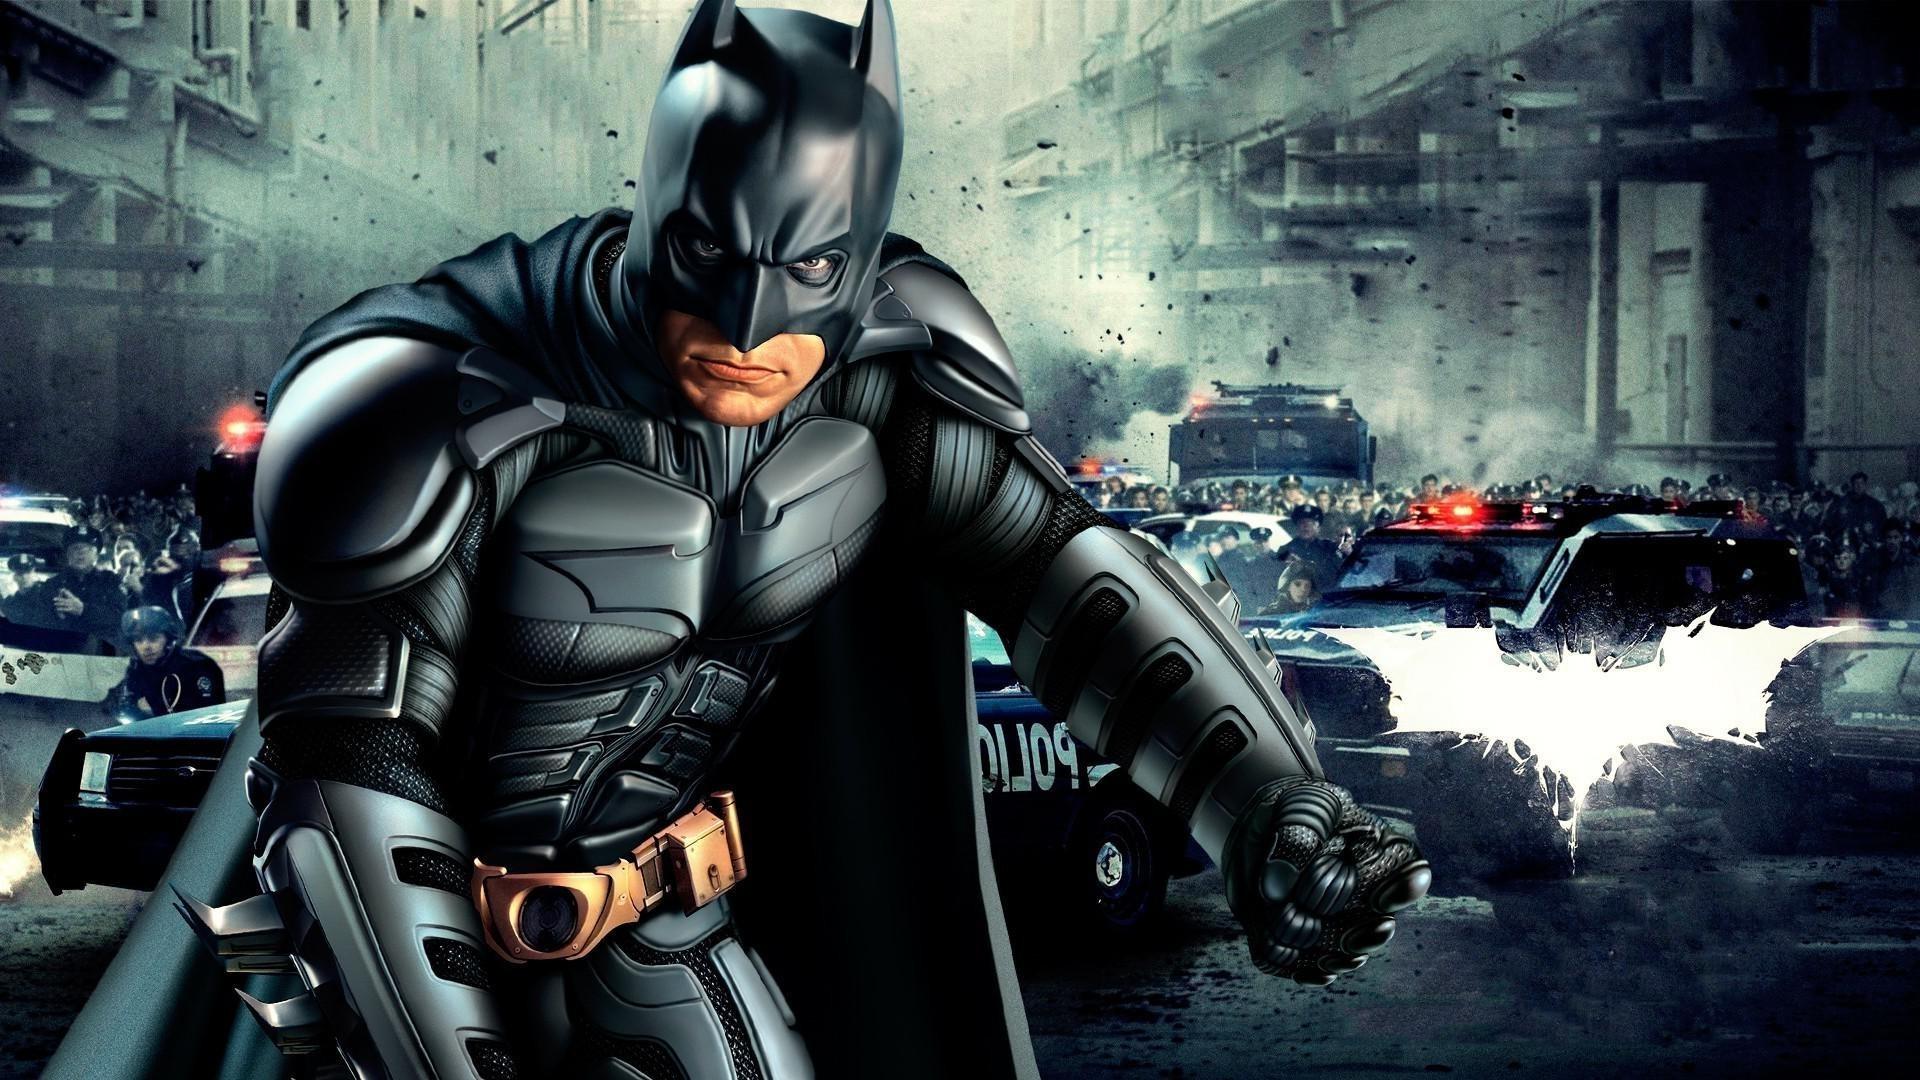 1920x1080 Batman The Dark Knight Rises Wallpapers